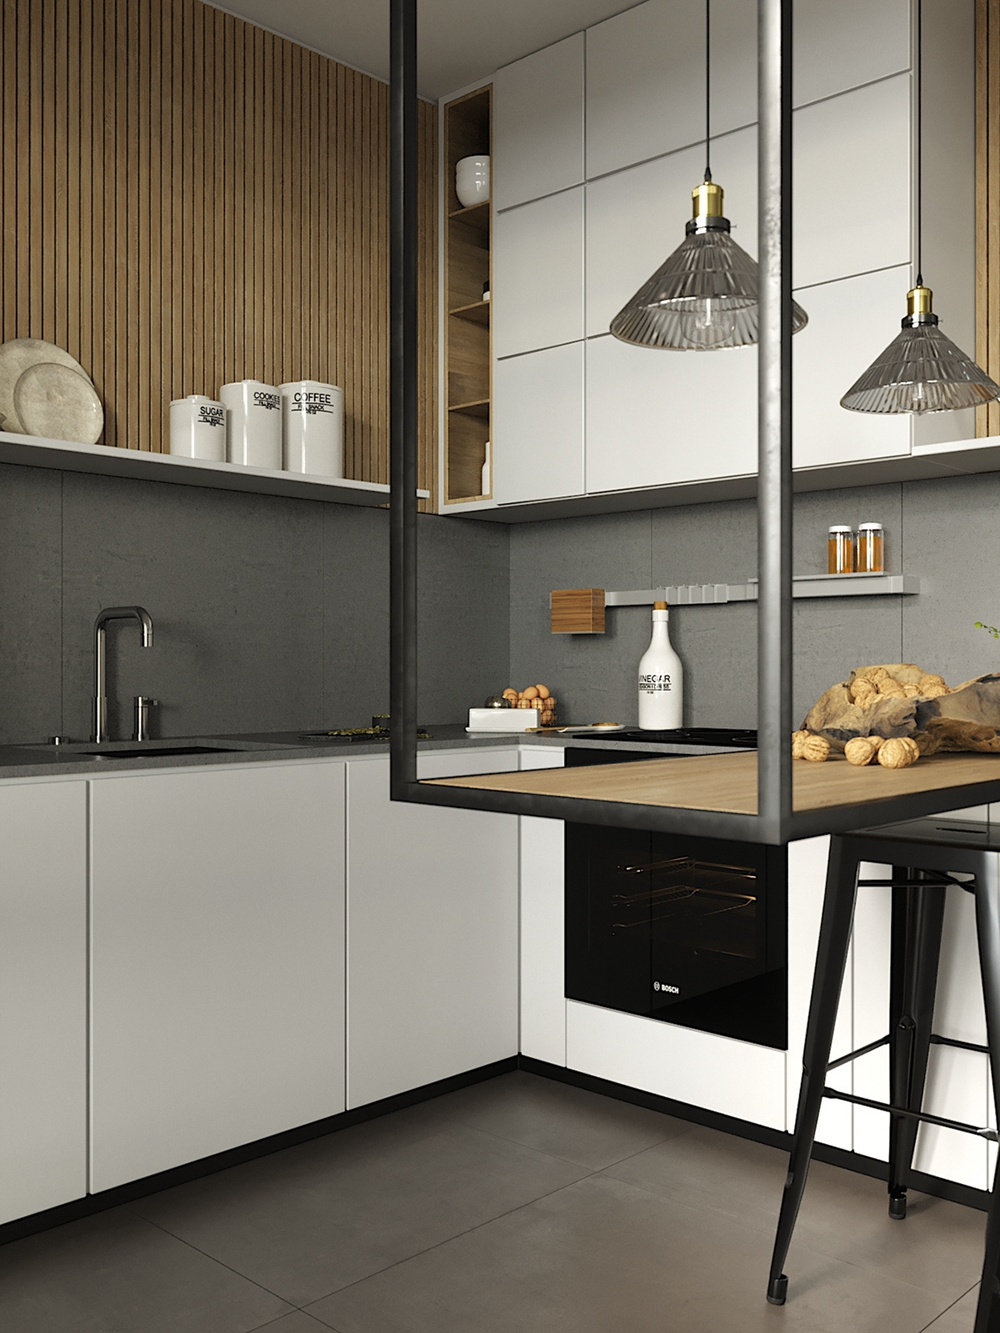 厨房与客厅之间采用玻璃隔断,橱柜延伸为餐桌,让整个空间设计感十足。